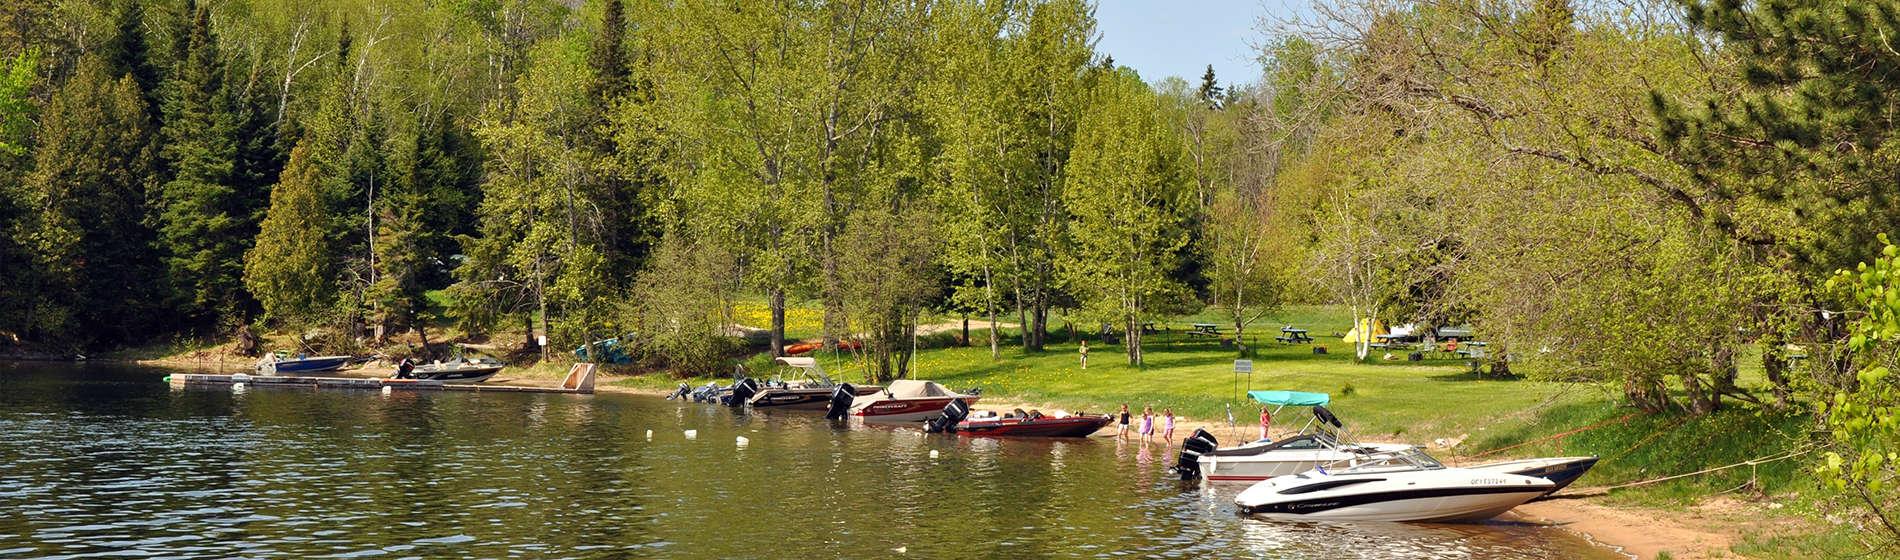 Camping Union - Camping Lac-du-Cerf dans les Hautes-Laurentides